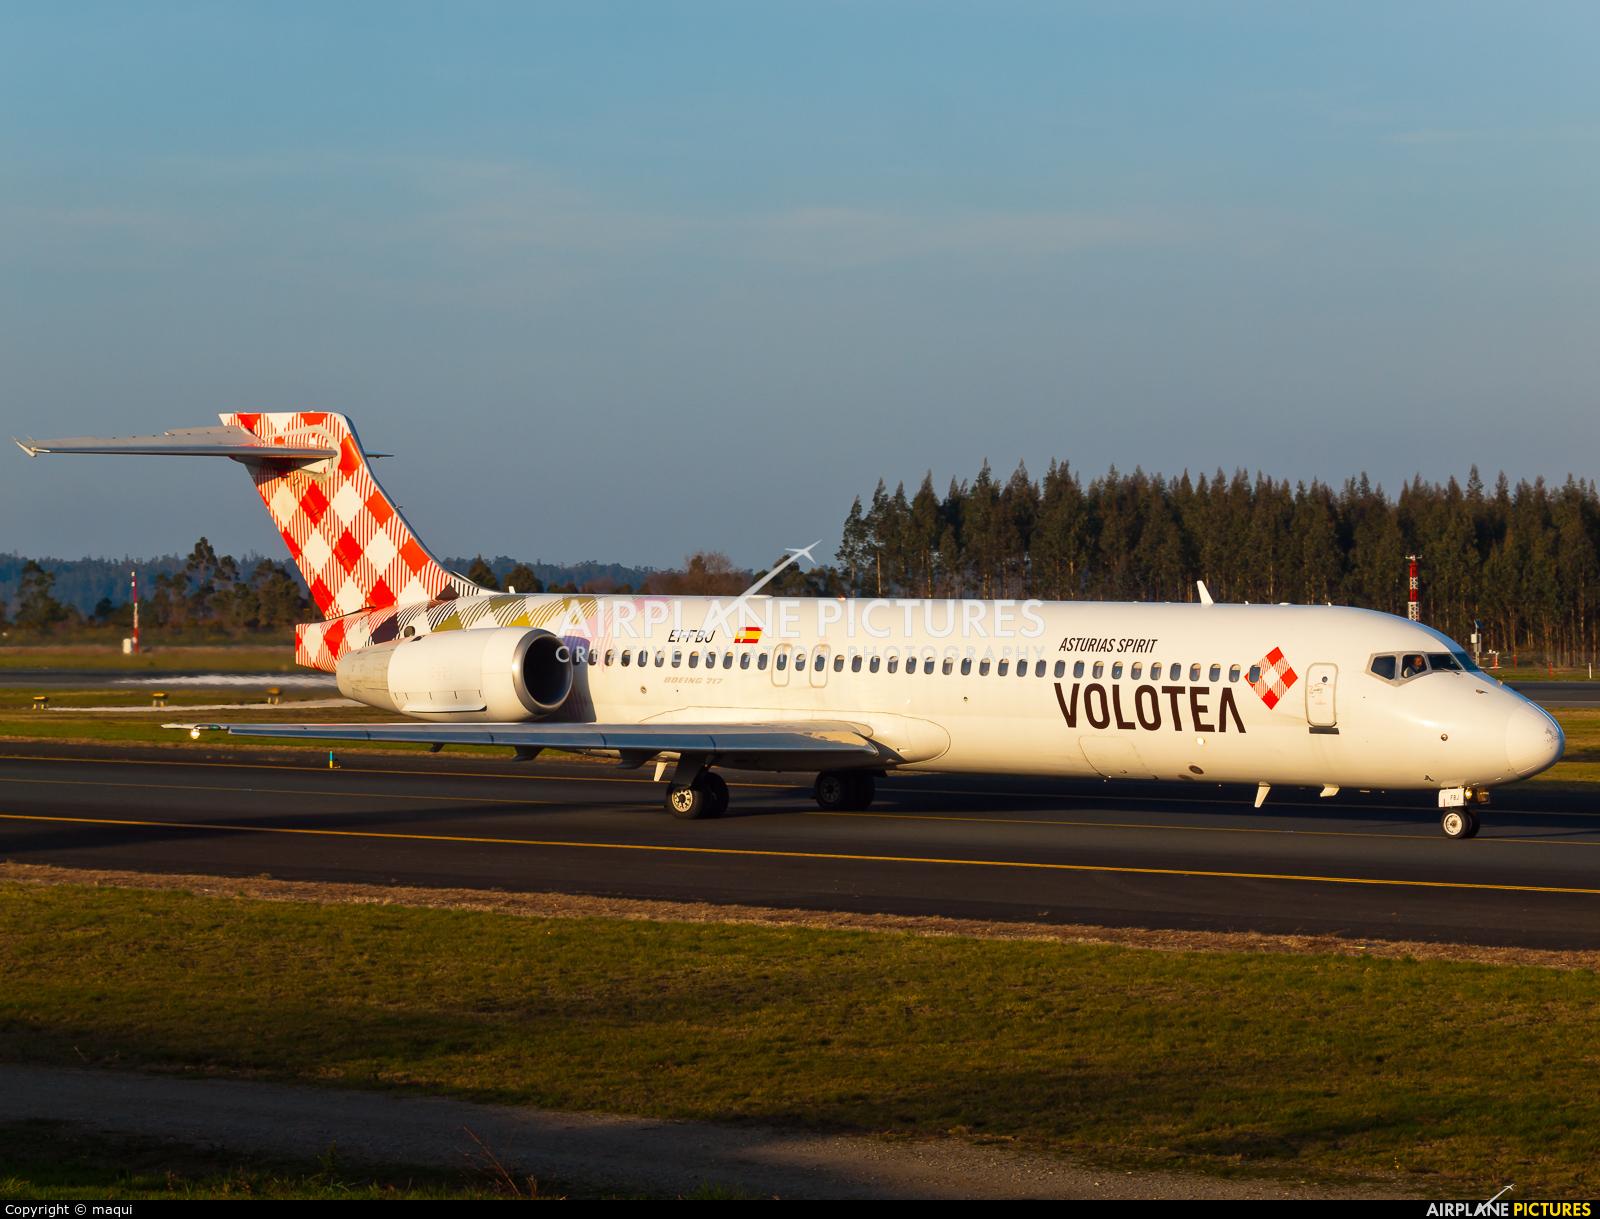 Volotea Airlines EI-FBJ aircraft at Santiago de Compostela